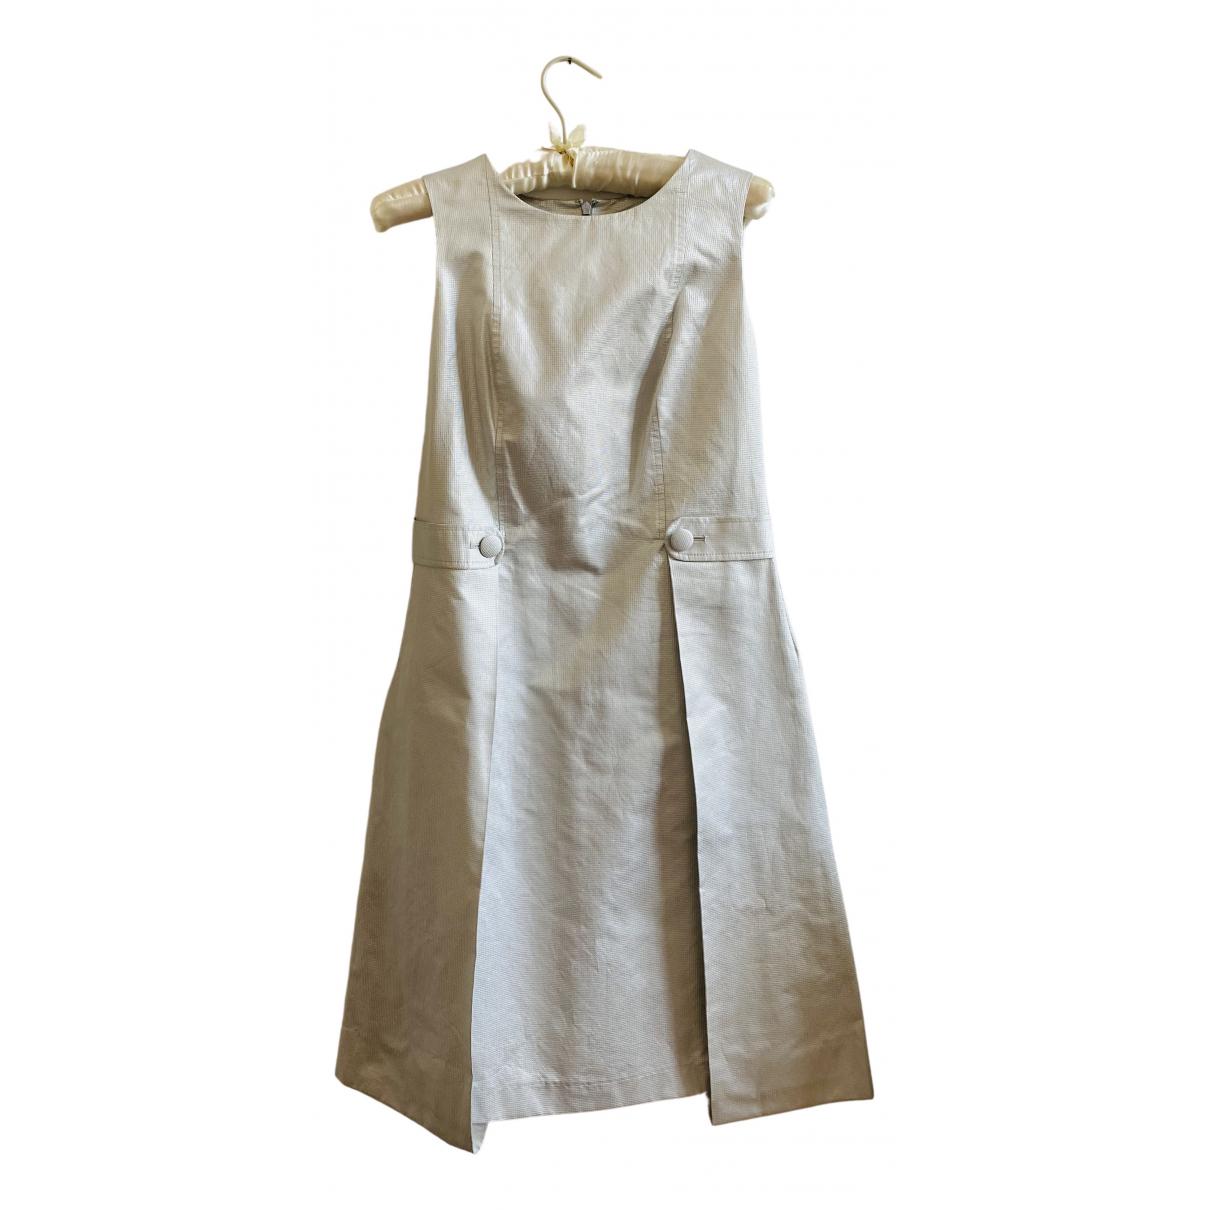 Paul Smith N Silver dress for Women 40 IT